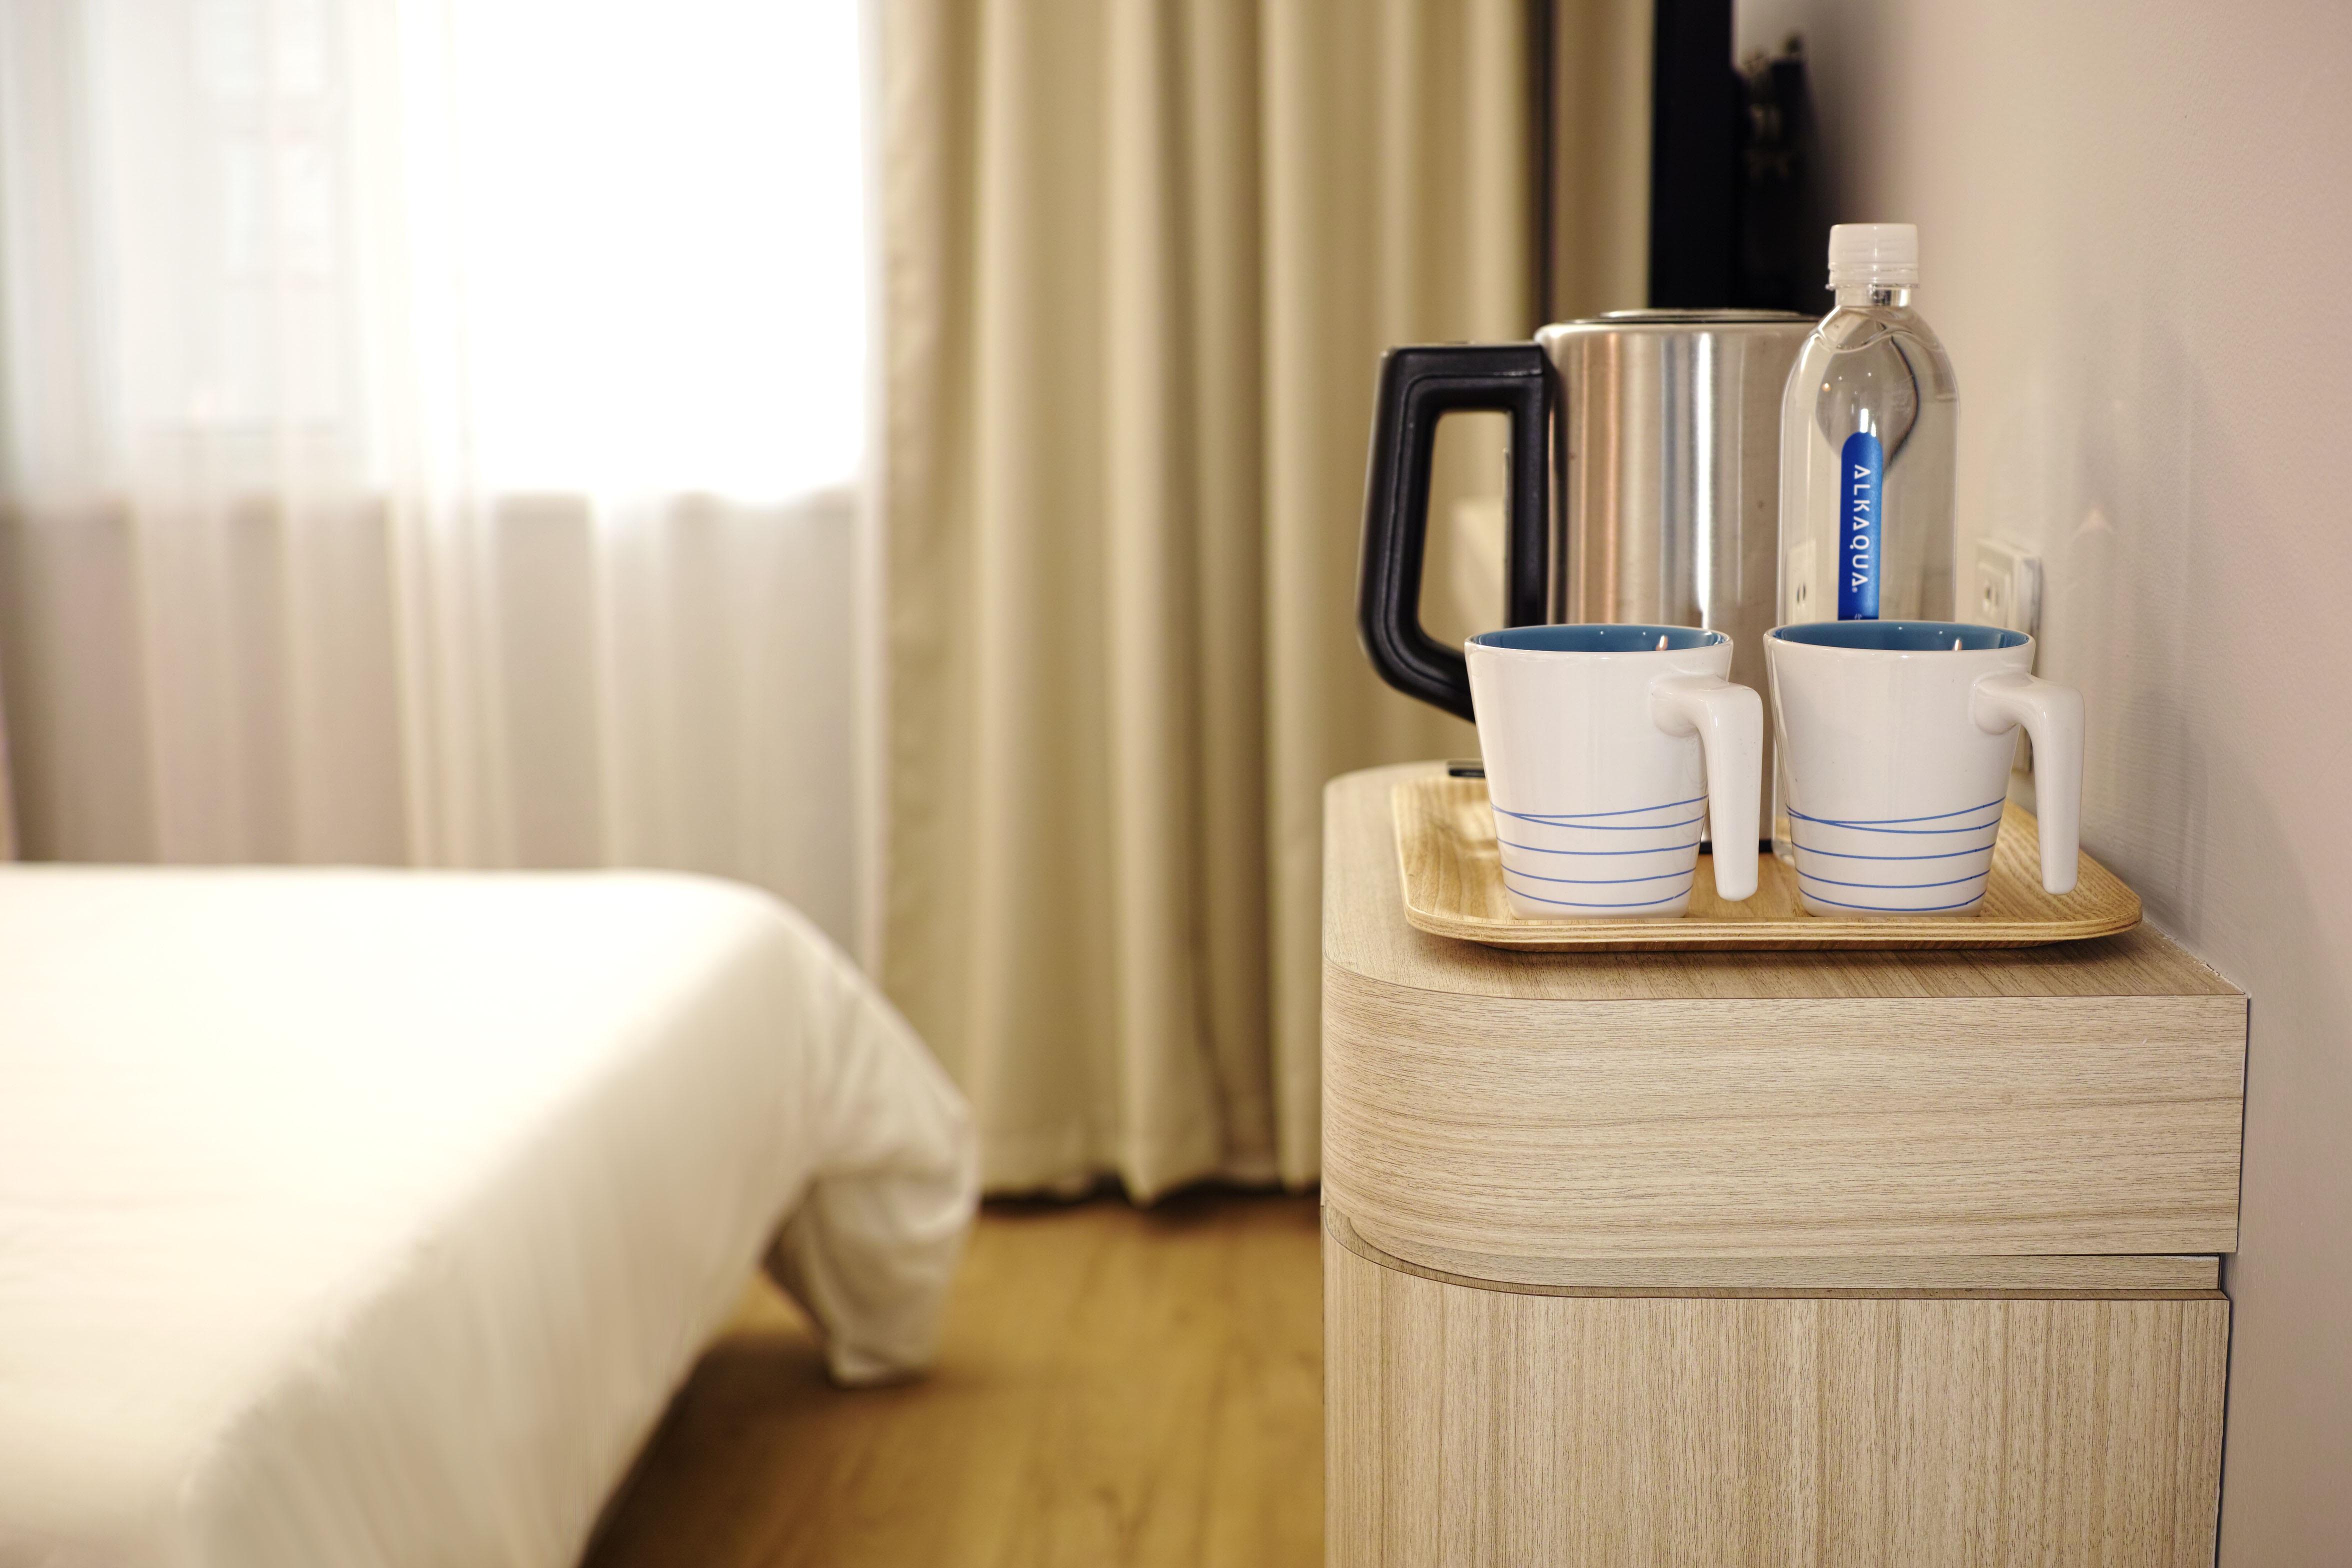 Amazing Holz Stock Tasse Möbel Zimmer Innenarchitektur Hotel Neu Bedienung  Bodenbelag Holzboden Gästezimmer